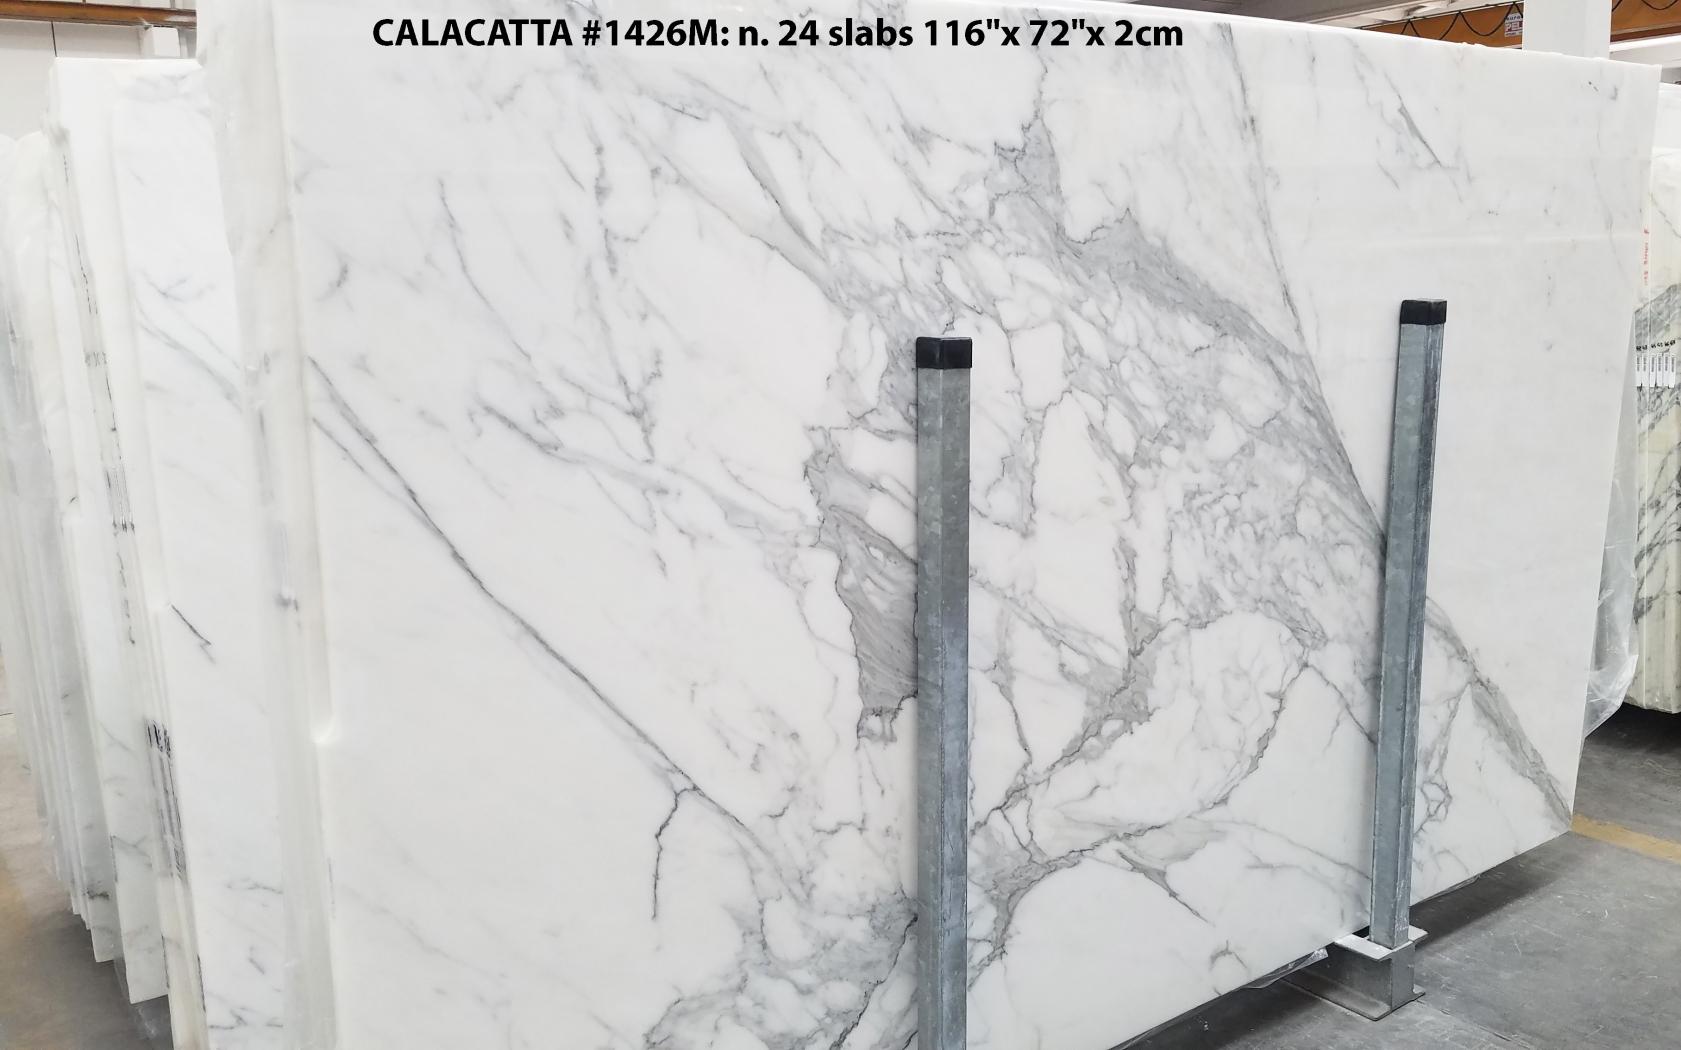 CALACATTA Suministro Veneto (Italia) de planchas pulidas en mármol natural 1426M , Bundle #3